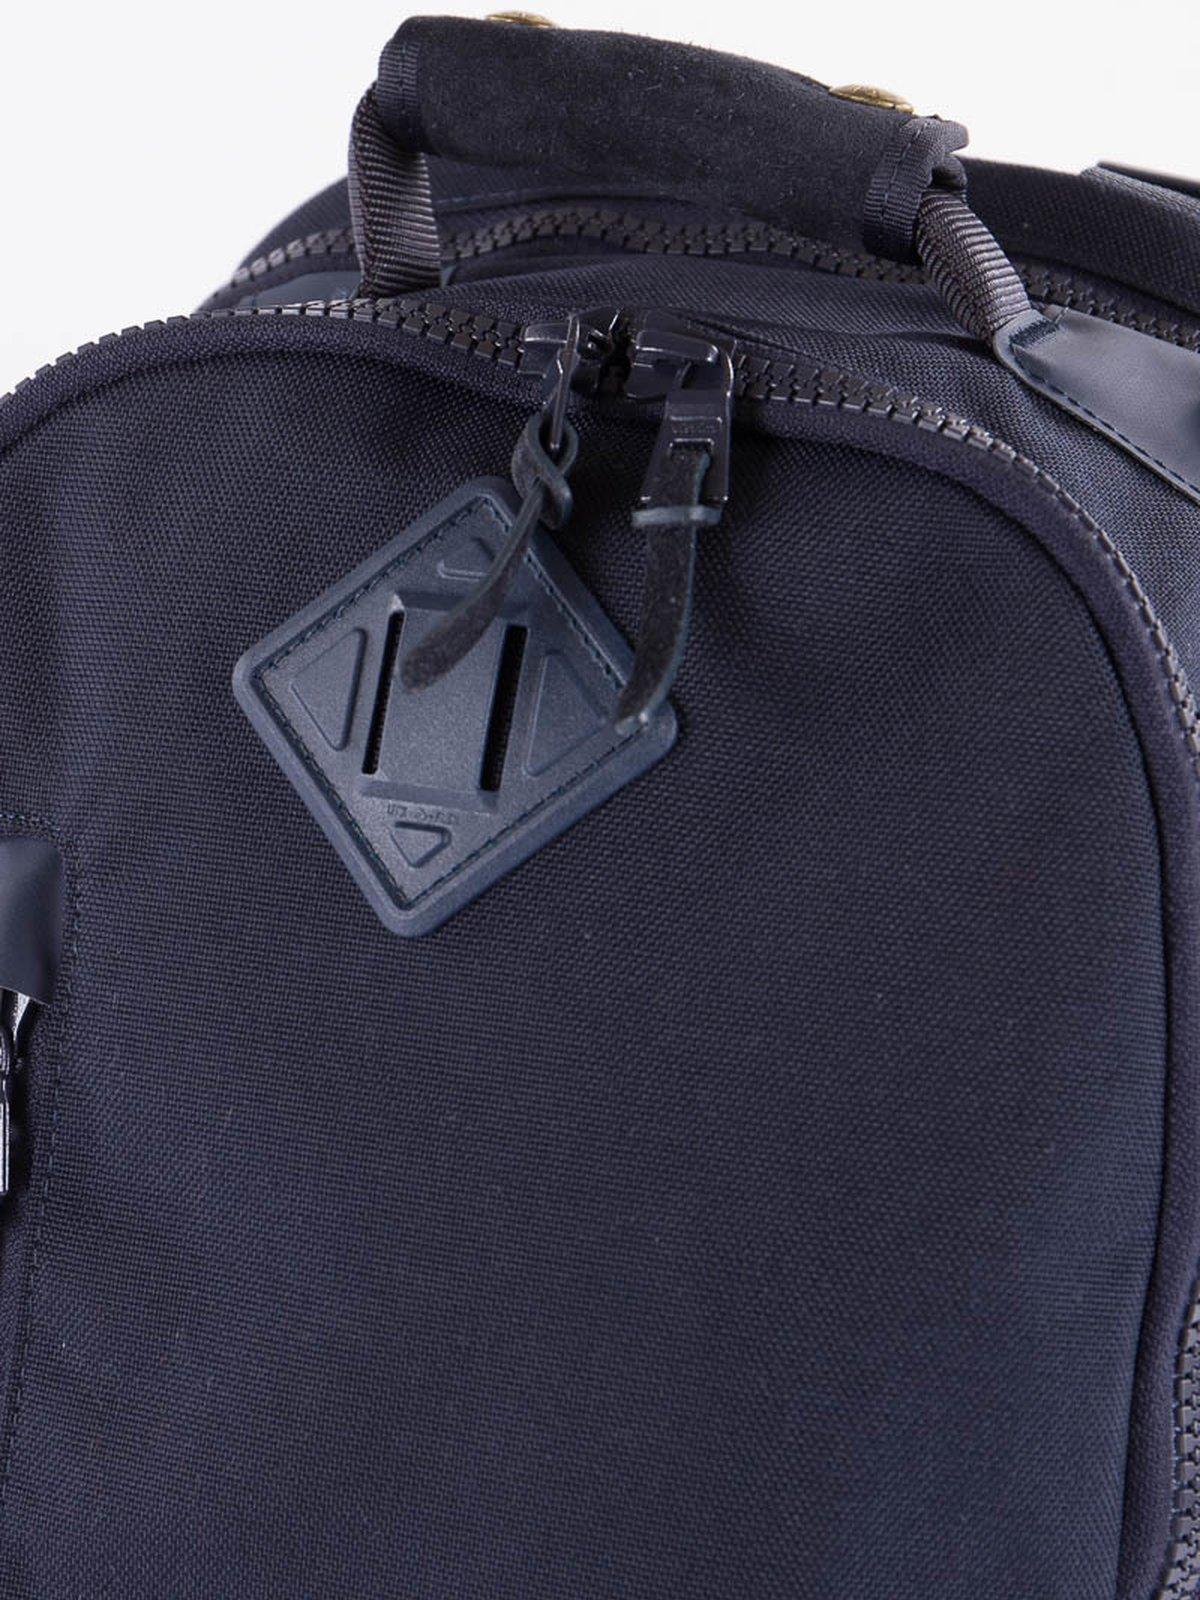 Navy 20L Ballistic Backpack - Image 7